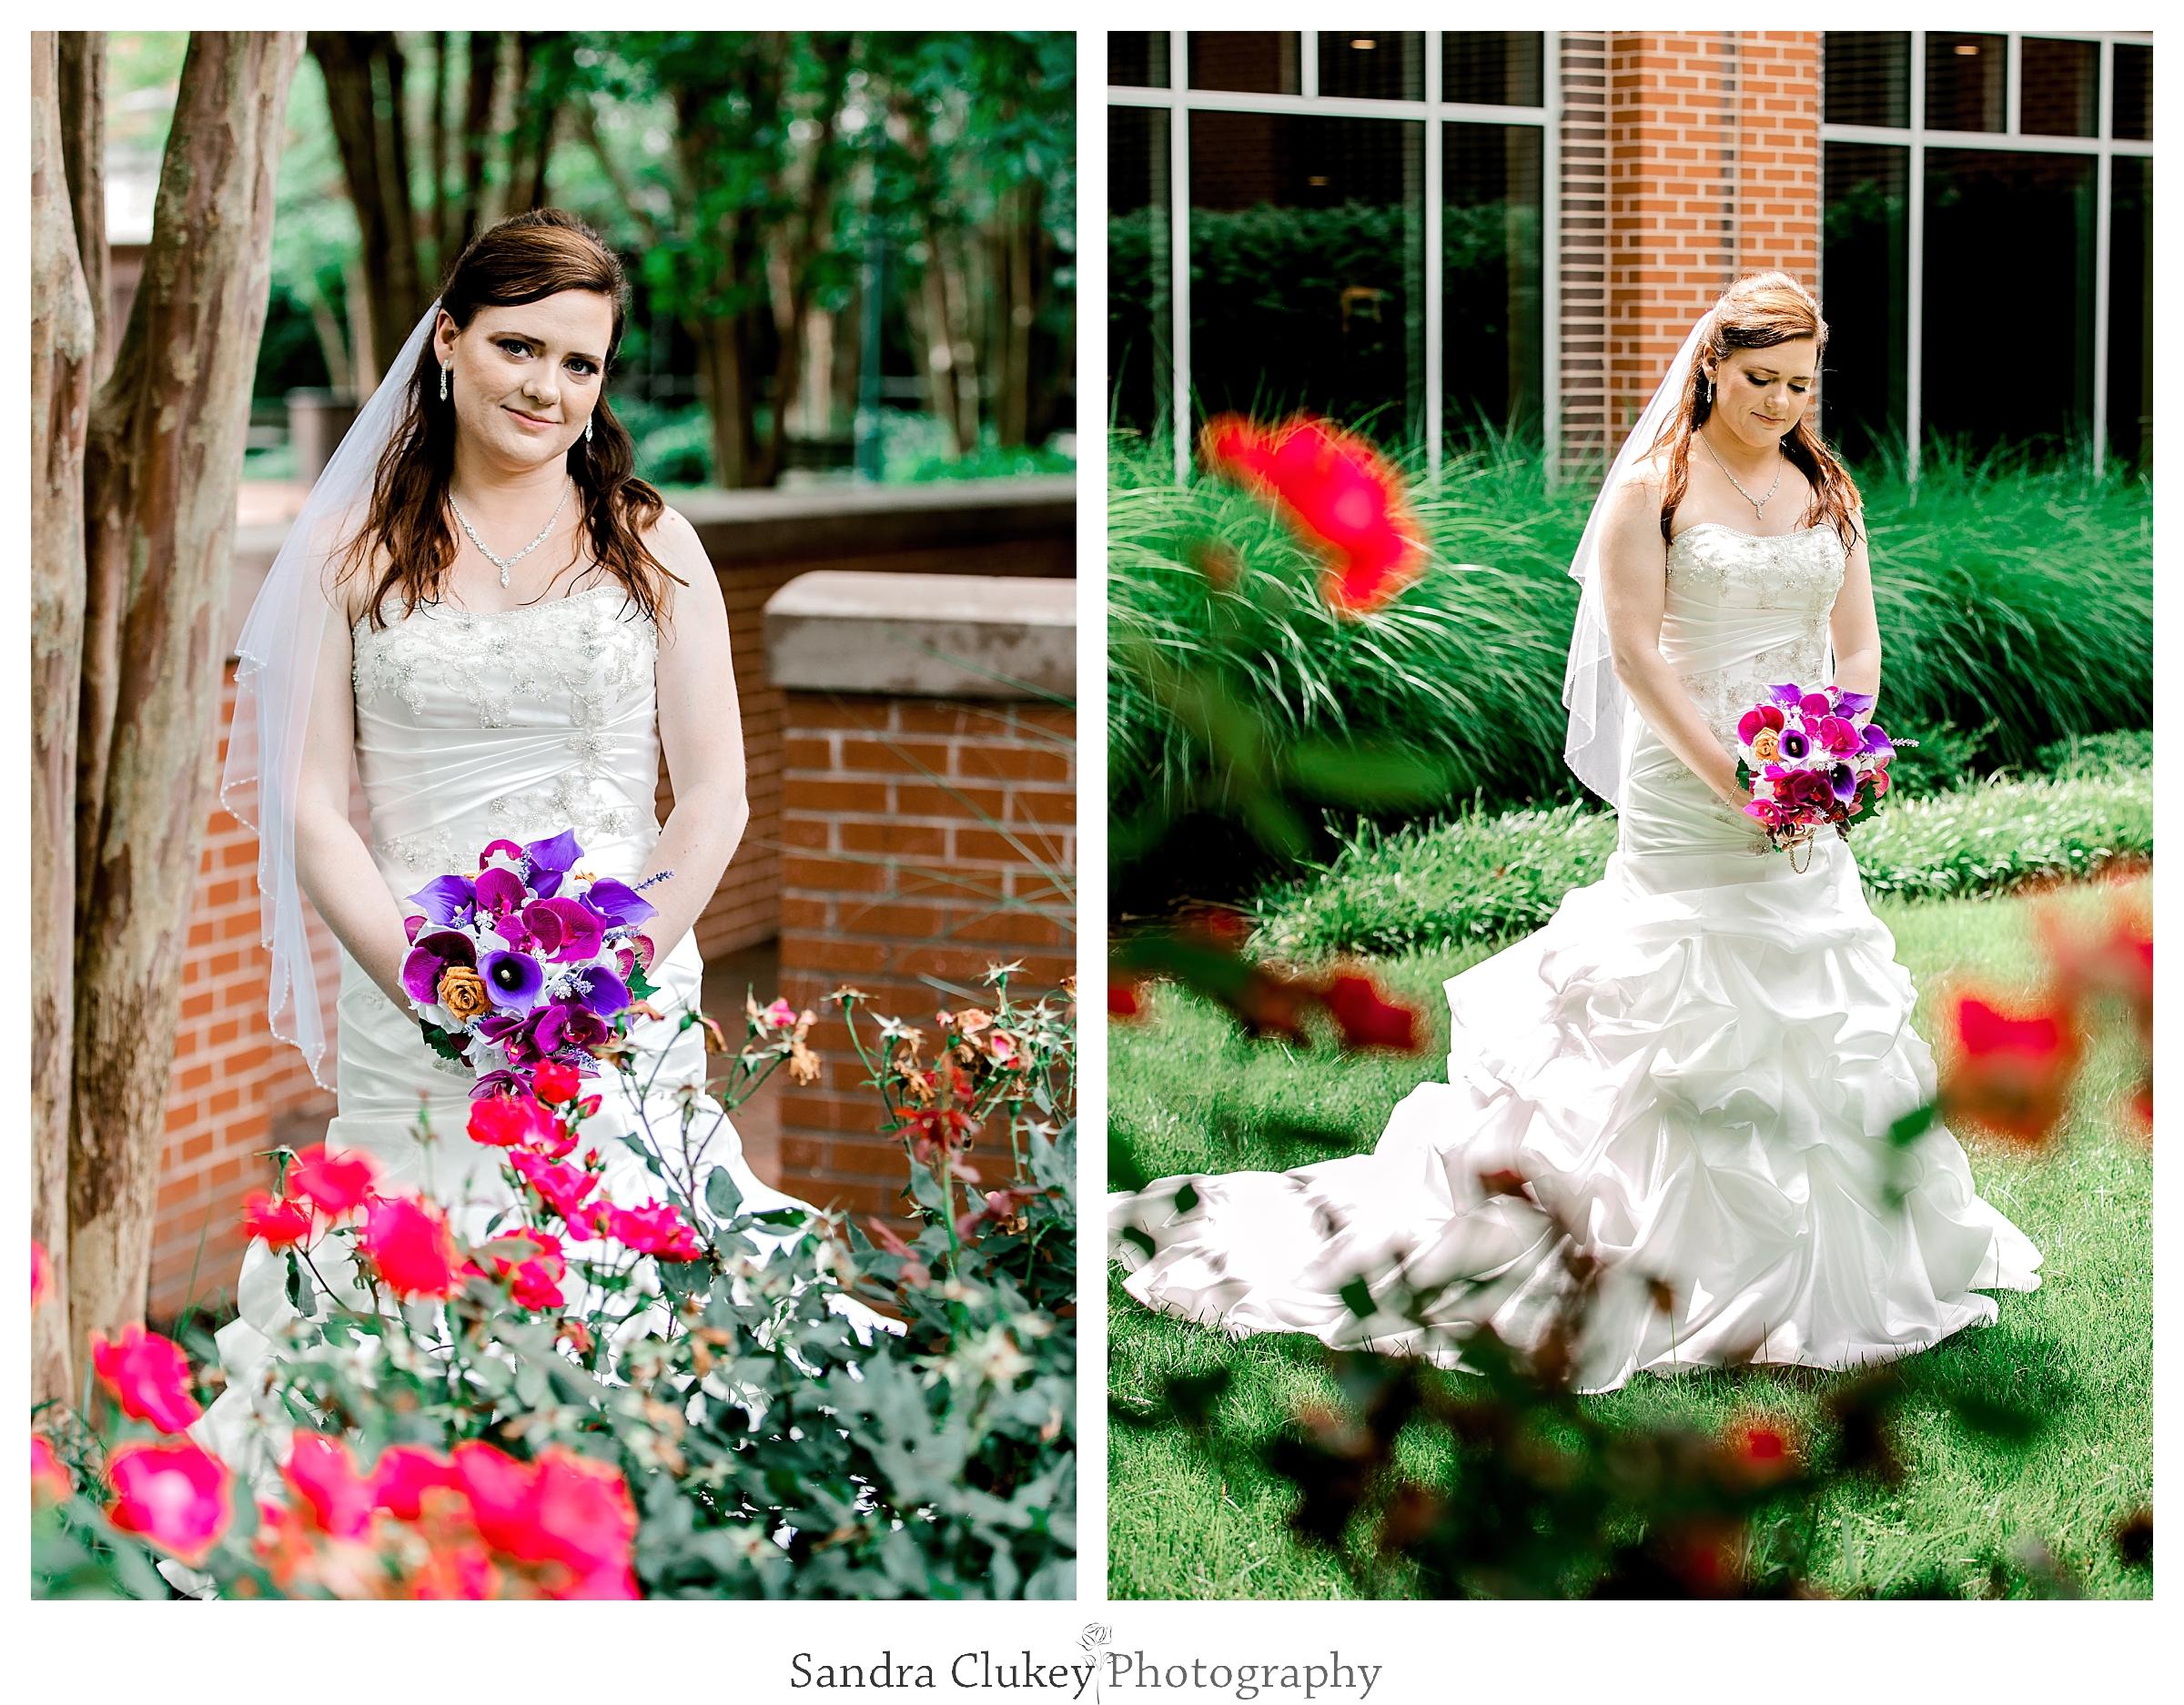 Sandra Clukey Photography_1884.jpg